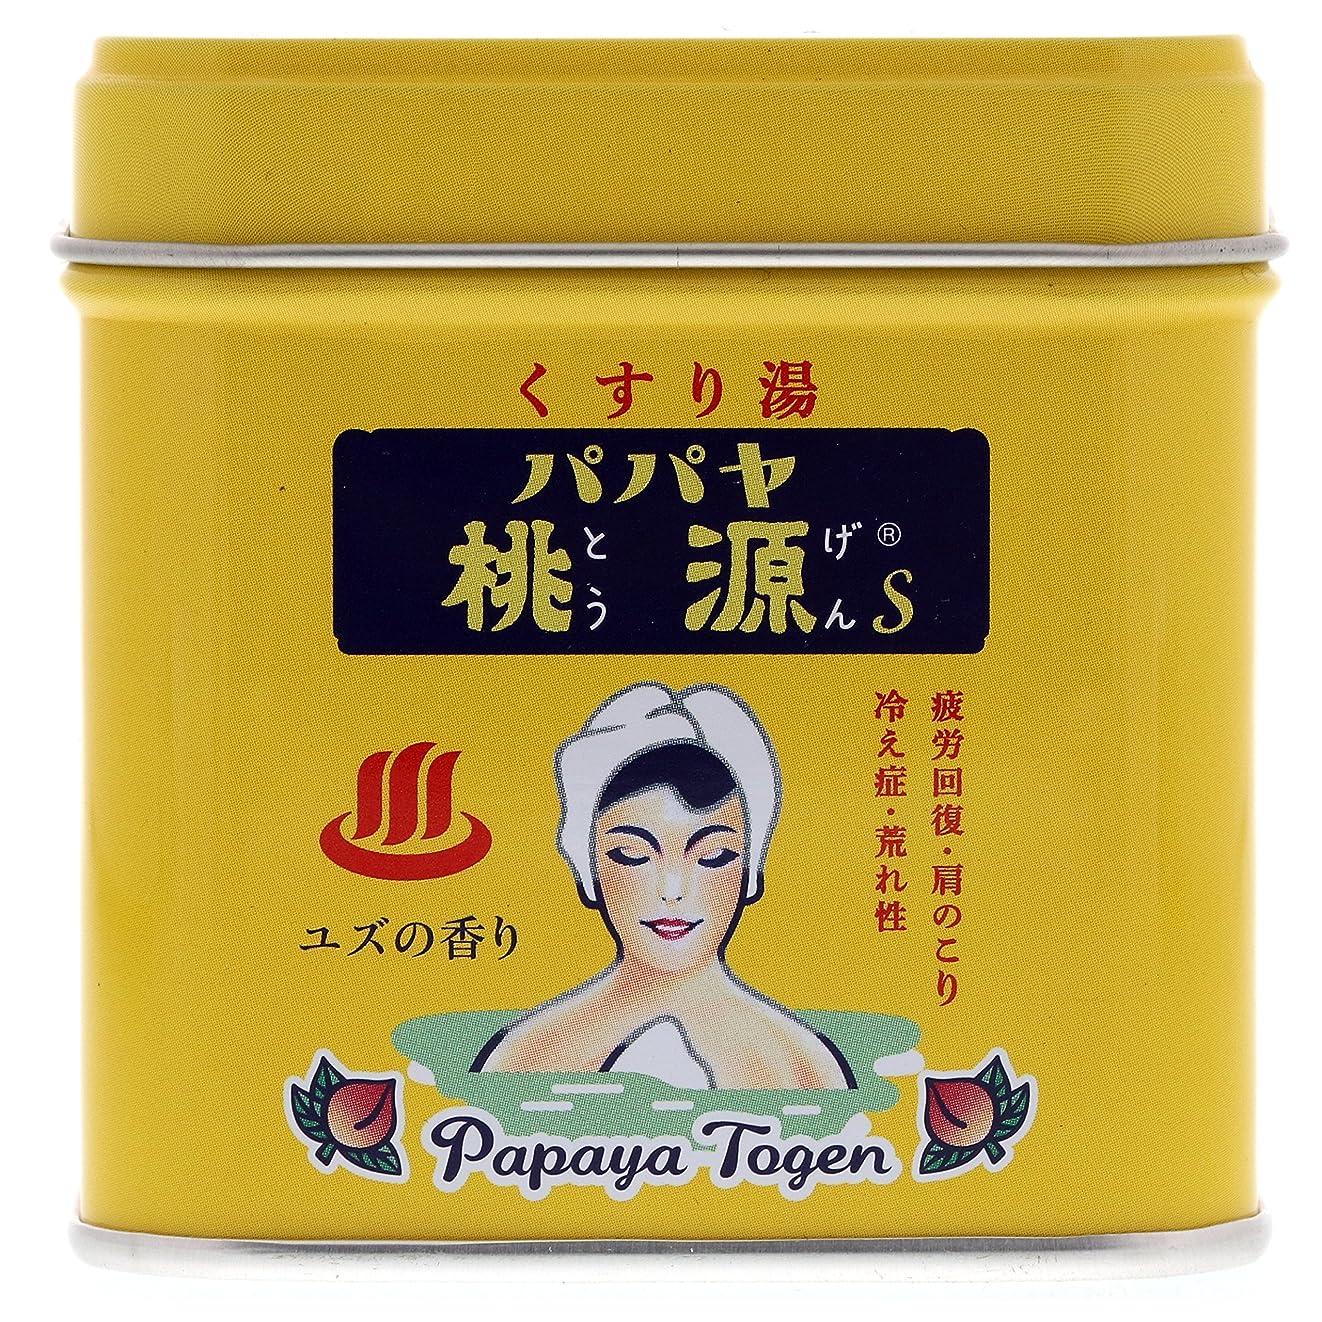 コンペ背景オンパパヤ桃源S 70g缶 ユズの香り [医薬部外品]